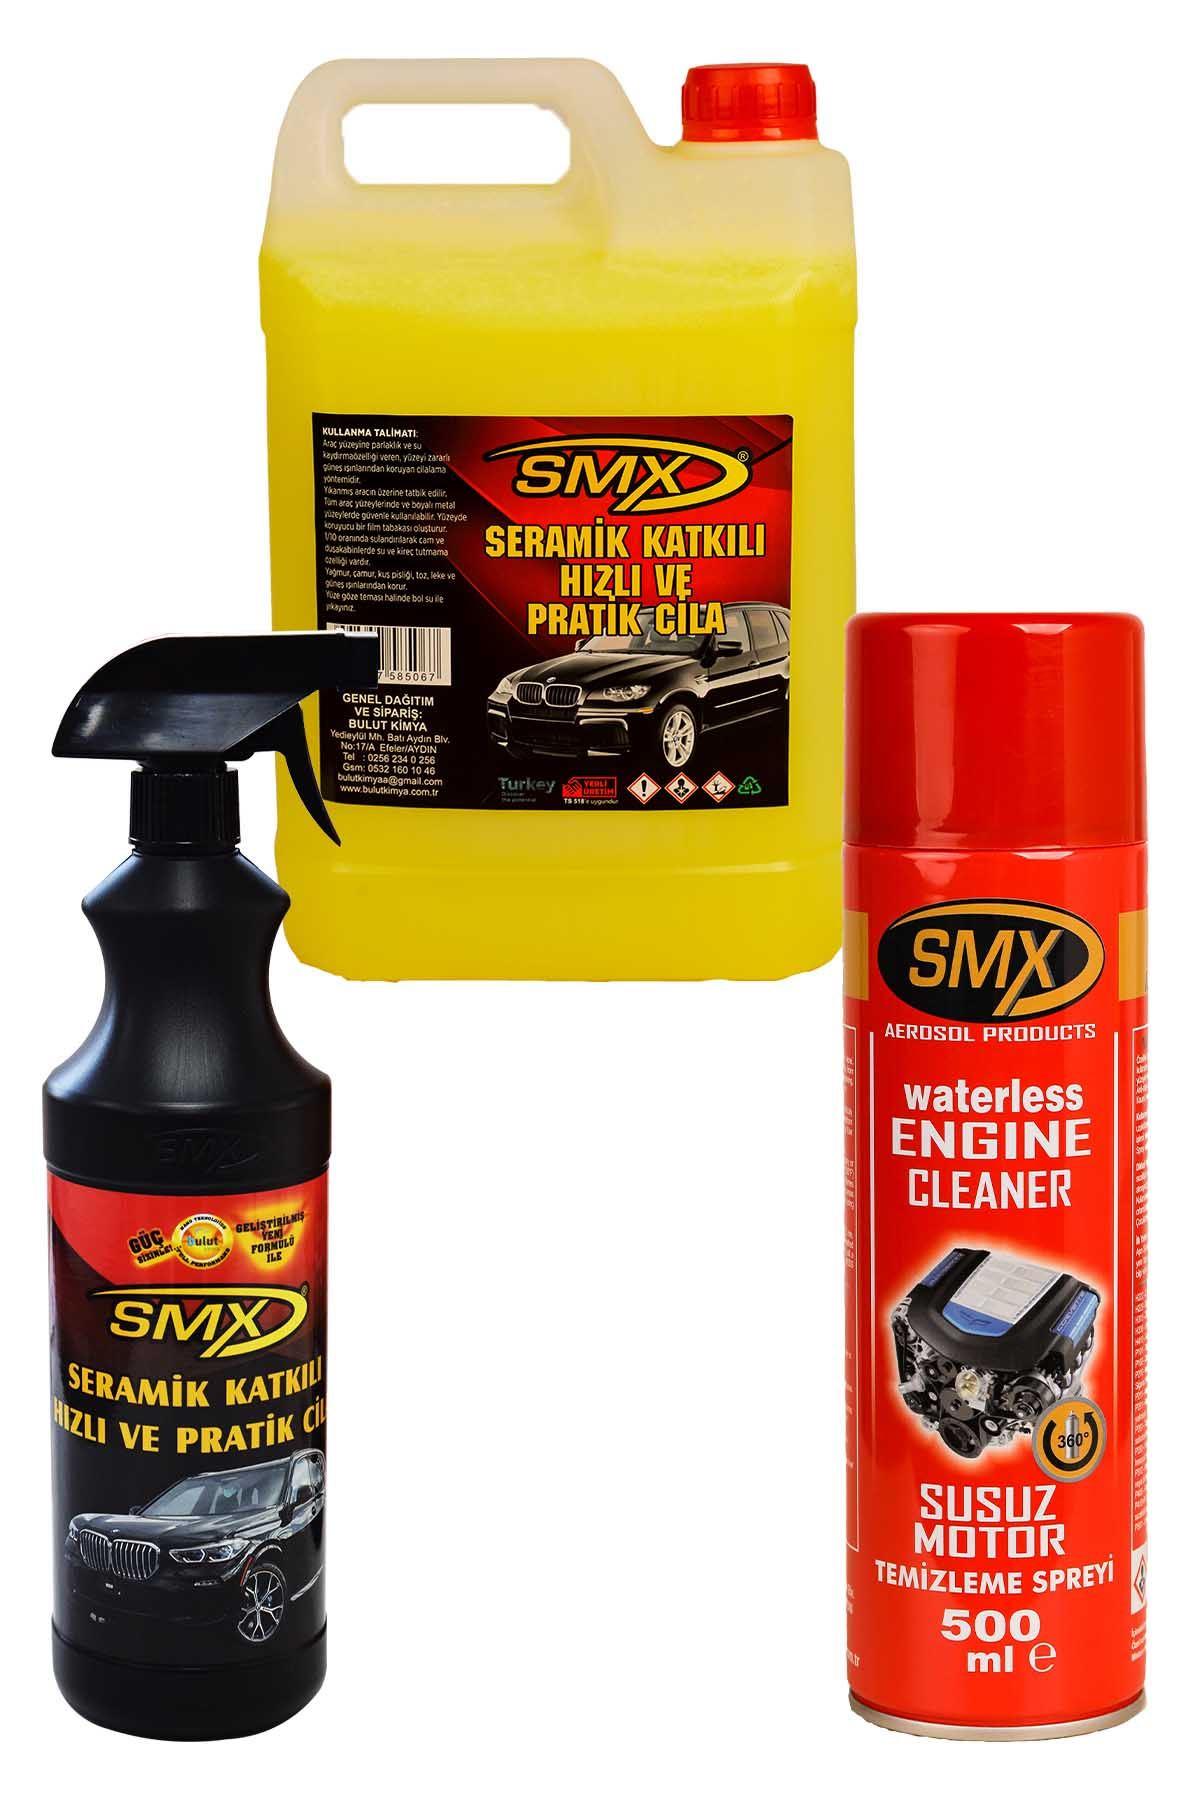 SMX Seramik Cila / Hızlı Cila / Pratik Cila 5+1 / Susuz Motor Temizleme Spreyi